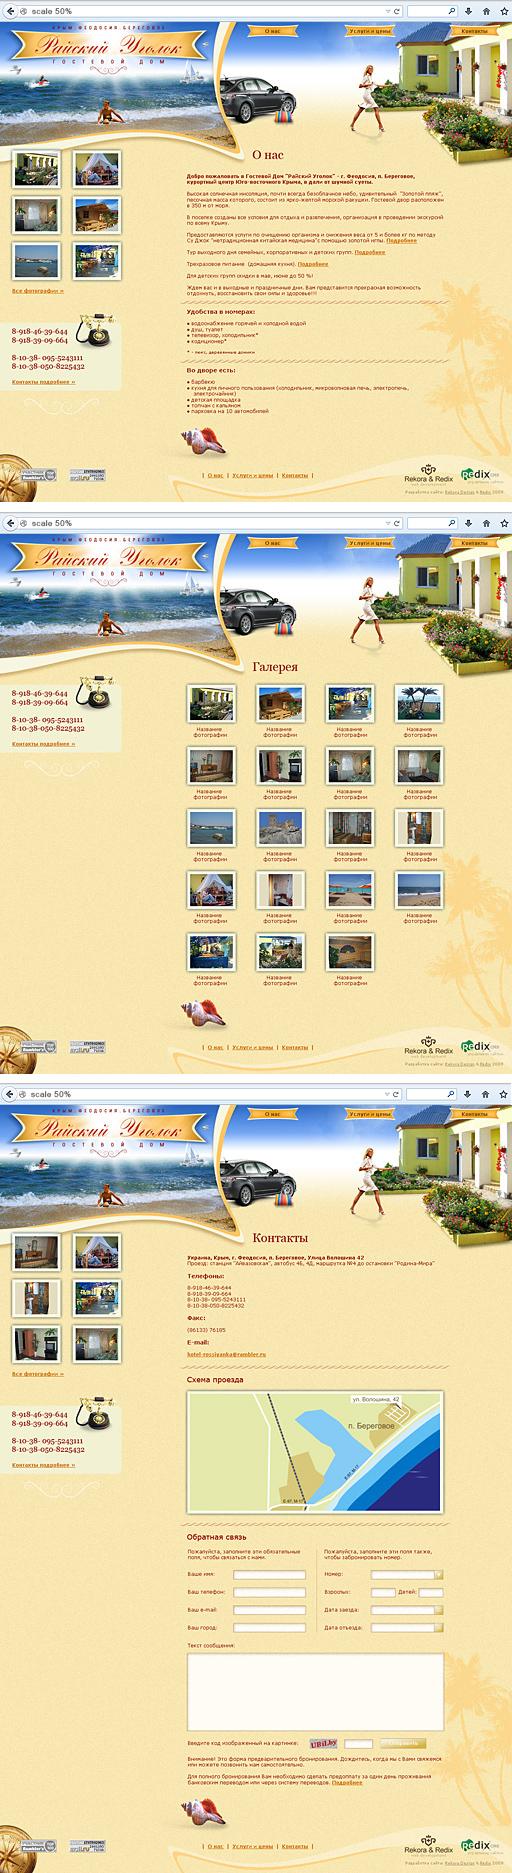 2009 - «Райский Уголок» - гостевой дом в Феодосии, пос. Береговое